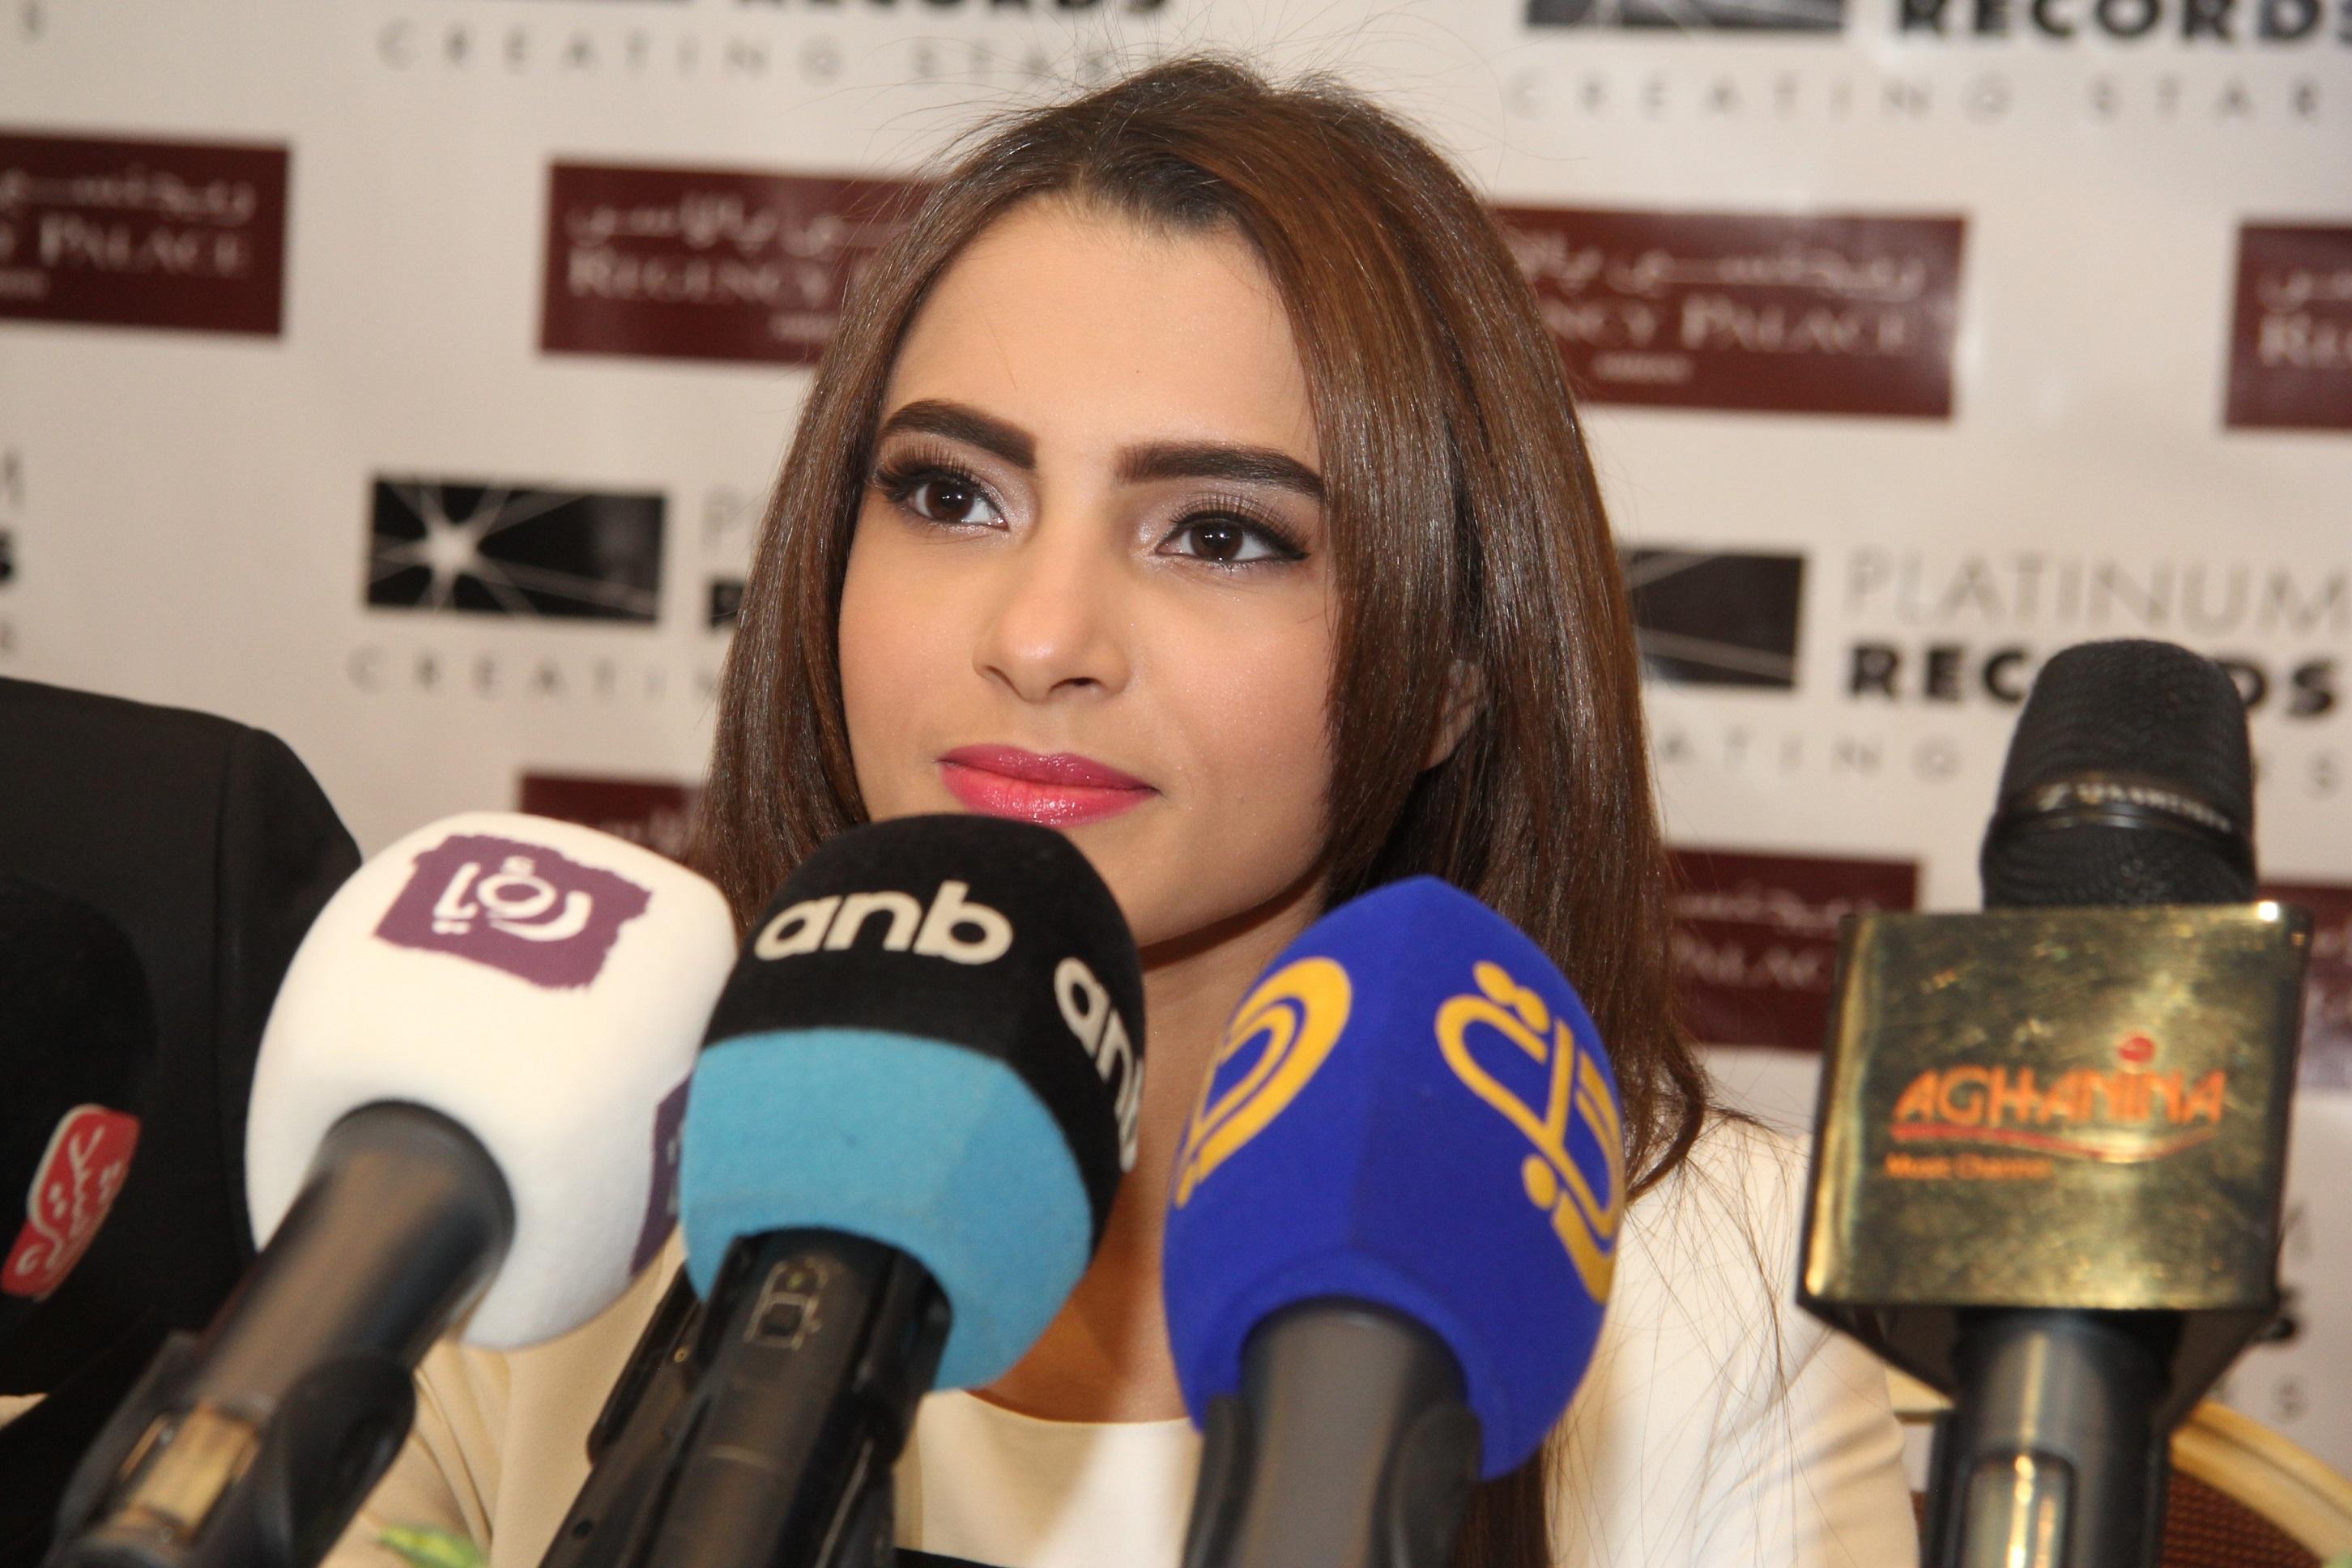 محبوبة العرب كارمن سليمان تطلق البوم اخباري من عمان